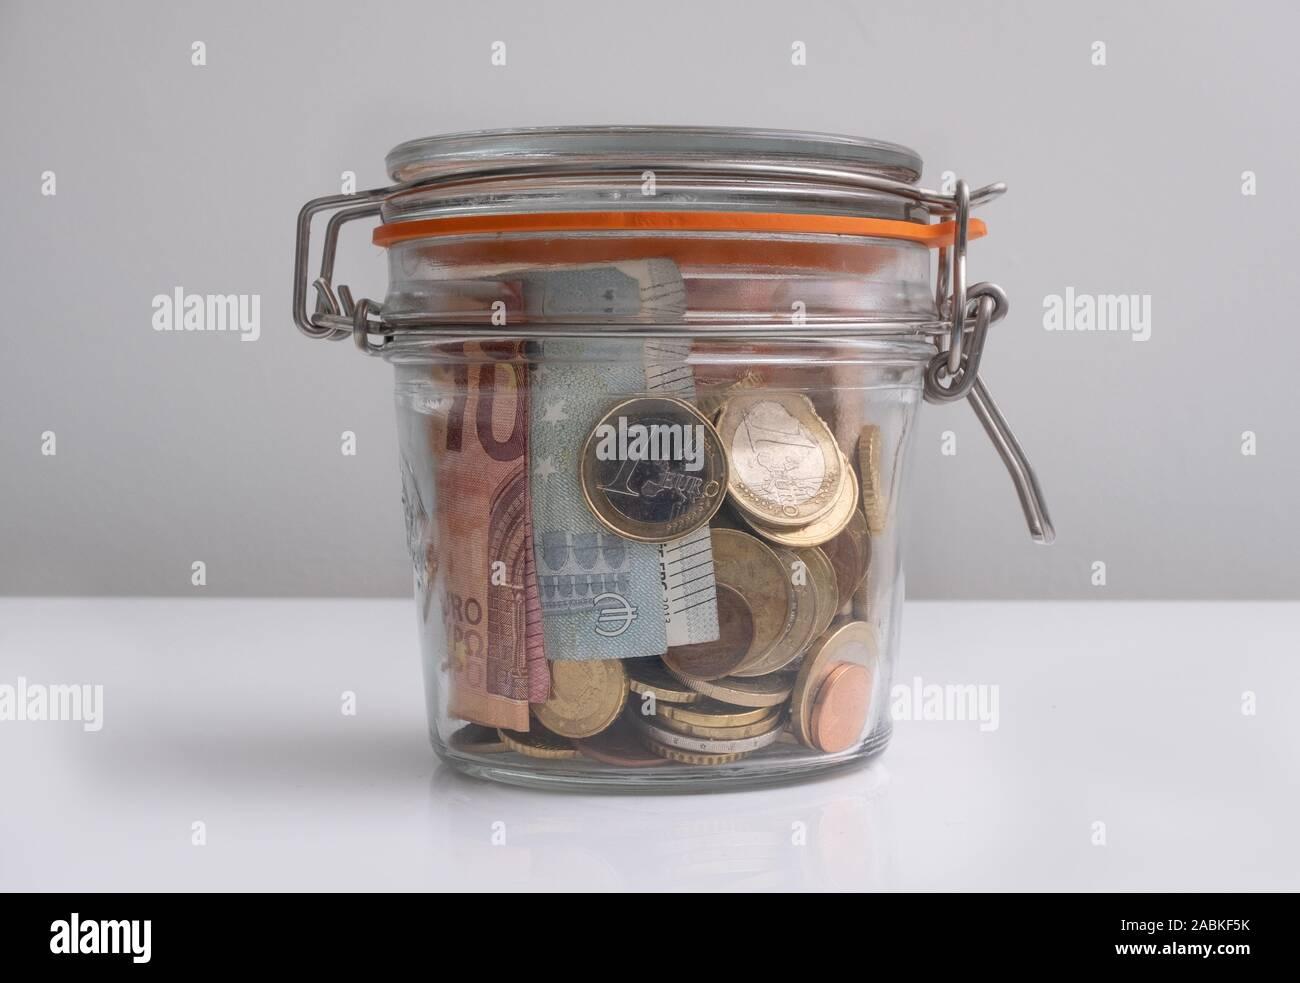 Jarra sellada de euro dinero, monedas y billetes, concepto de ahorro Foto de stock